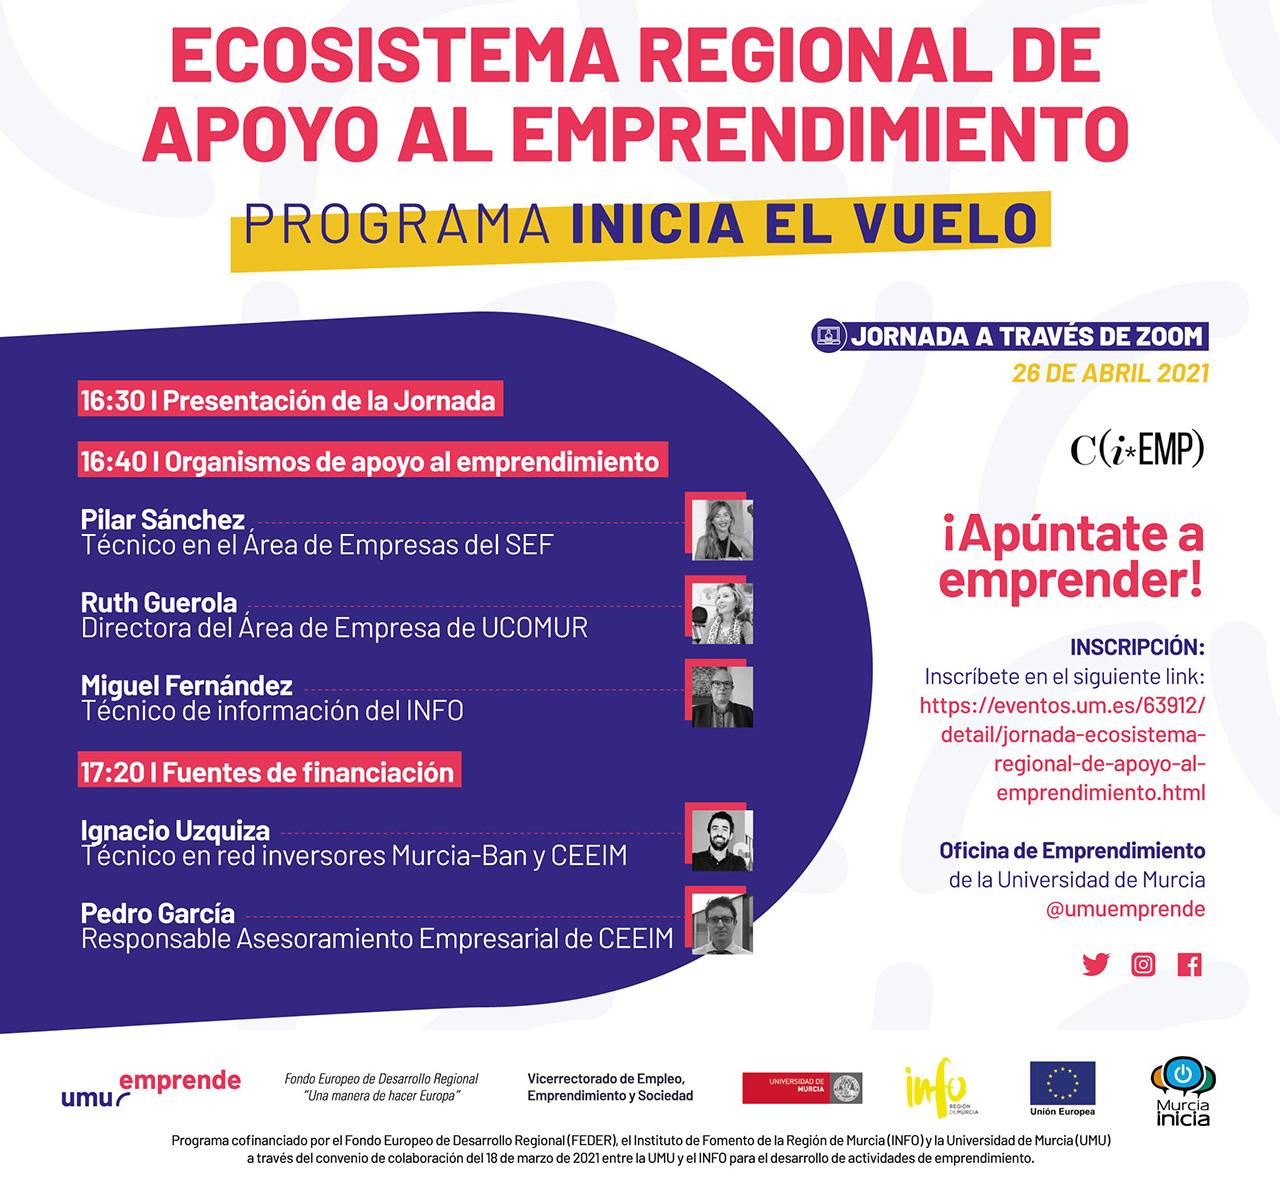 Ucomur participa en el programa 'Inicia el Vuelo' de apoyo al emprendimiento